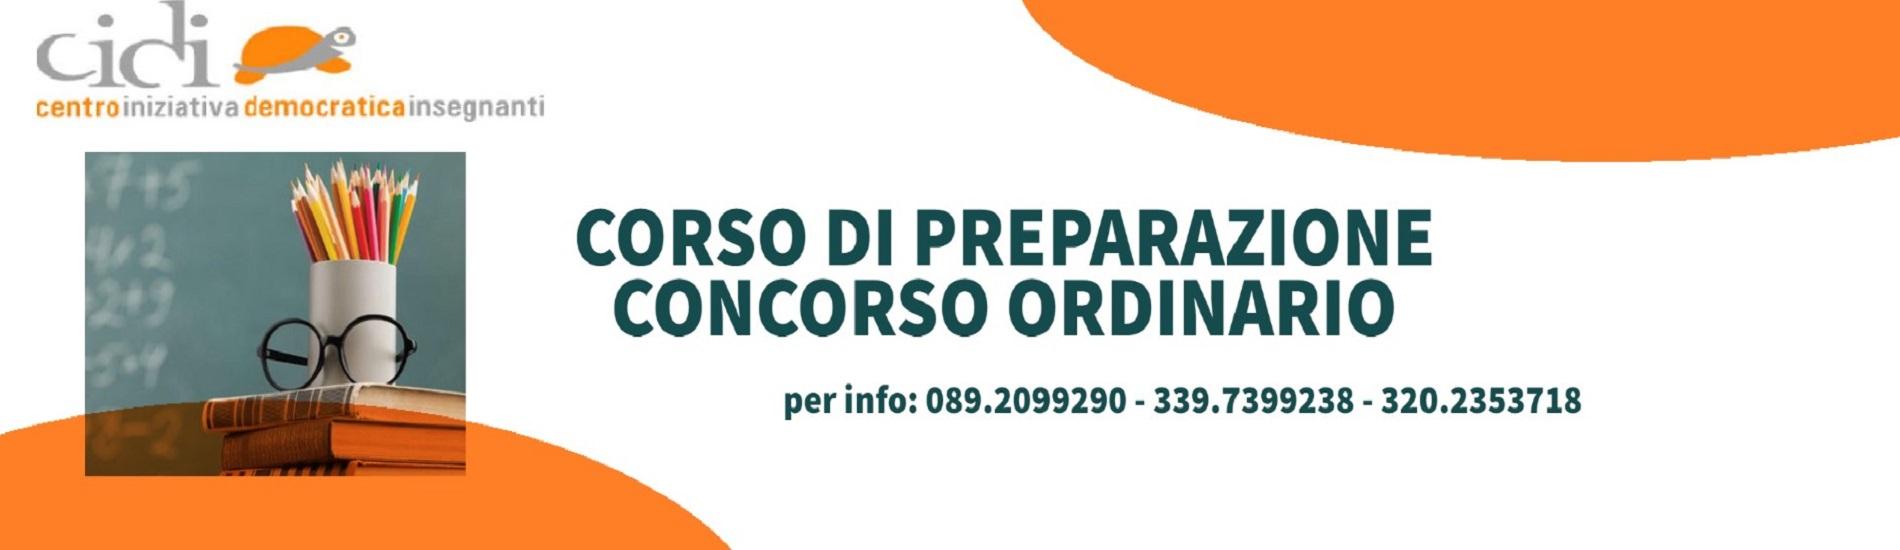 CONCORSO ORDINARIO